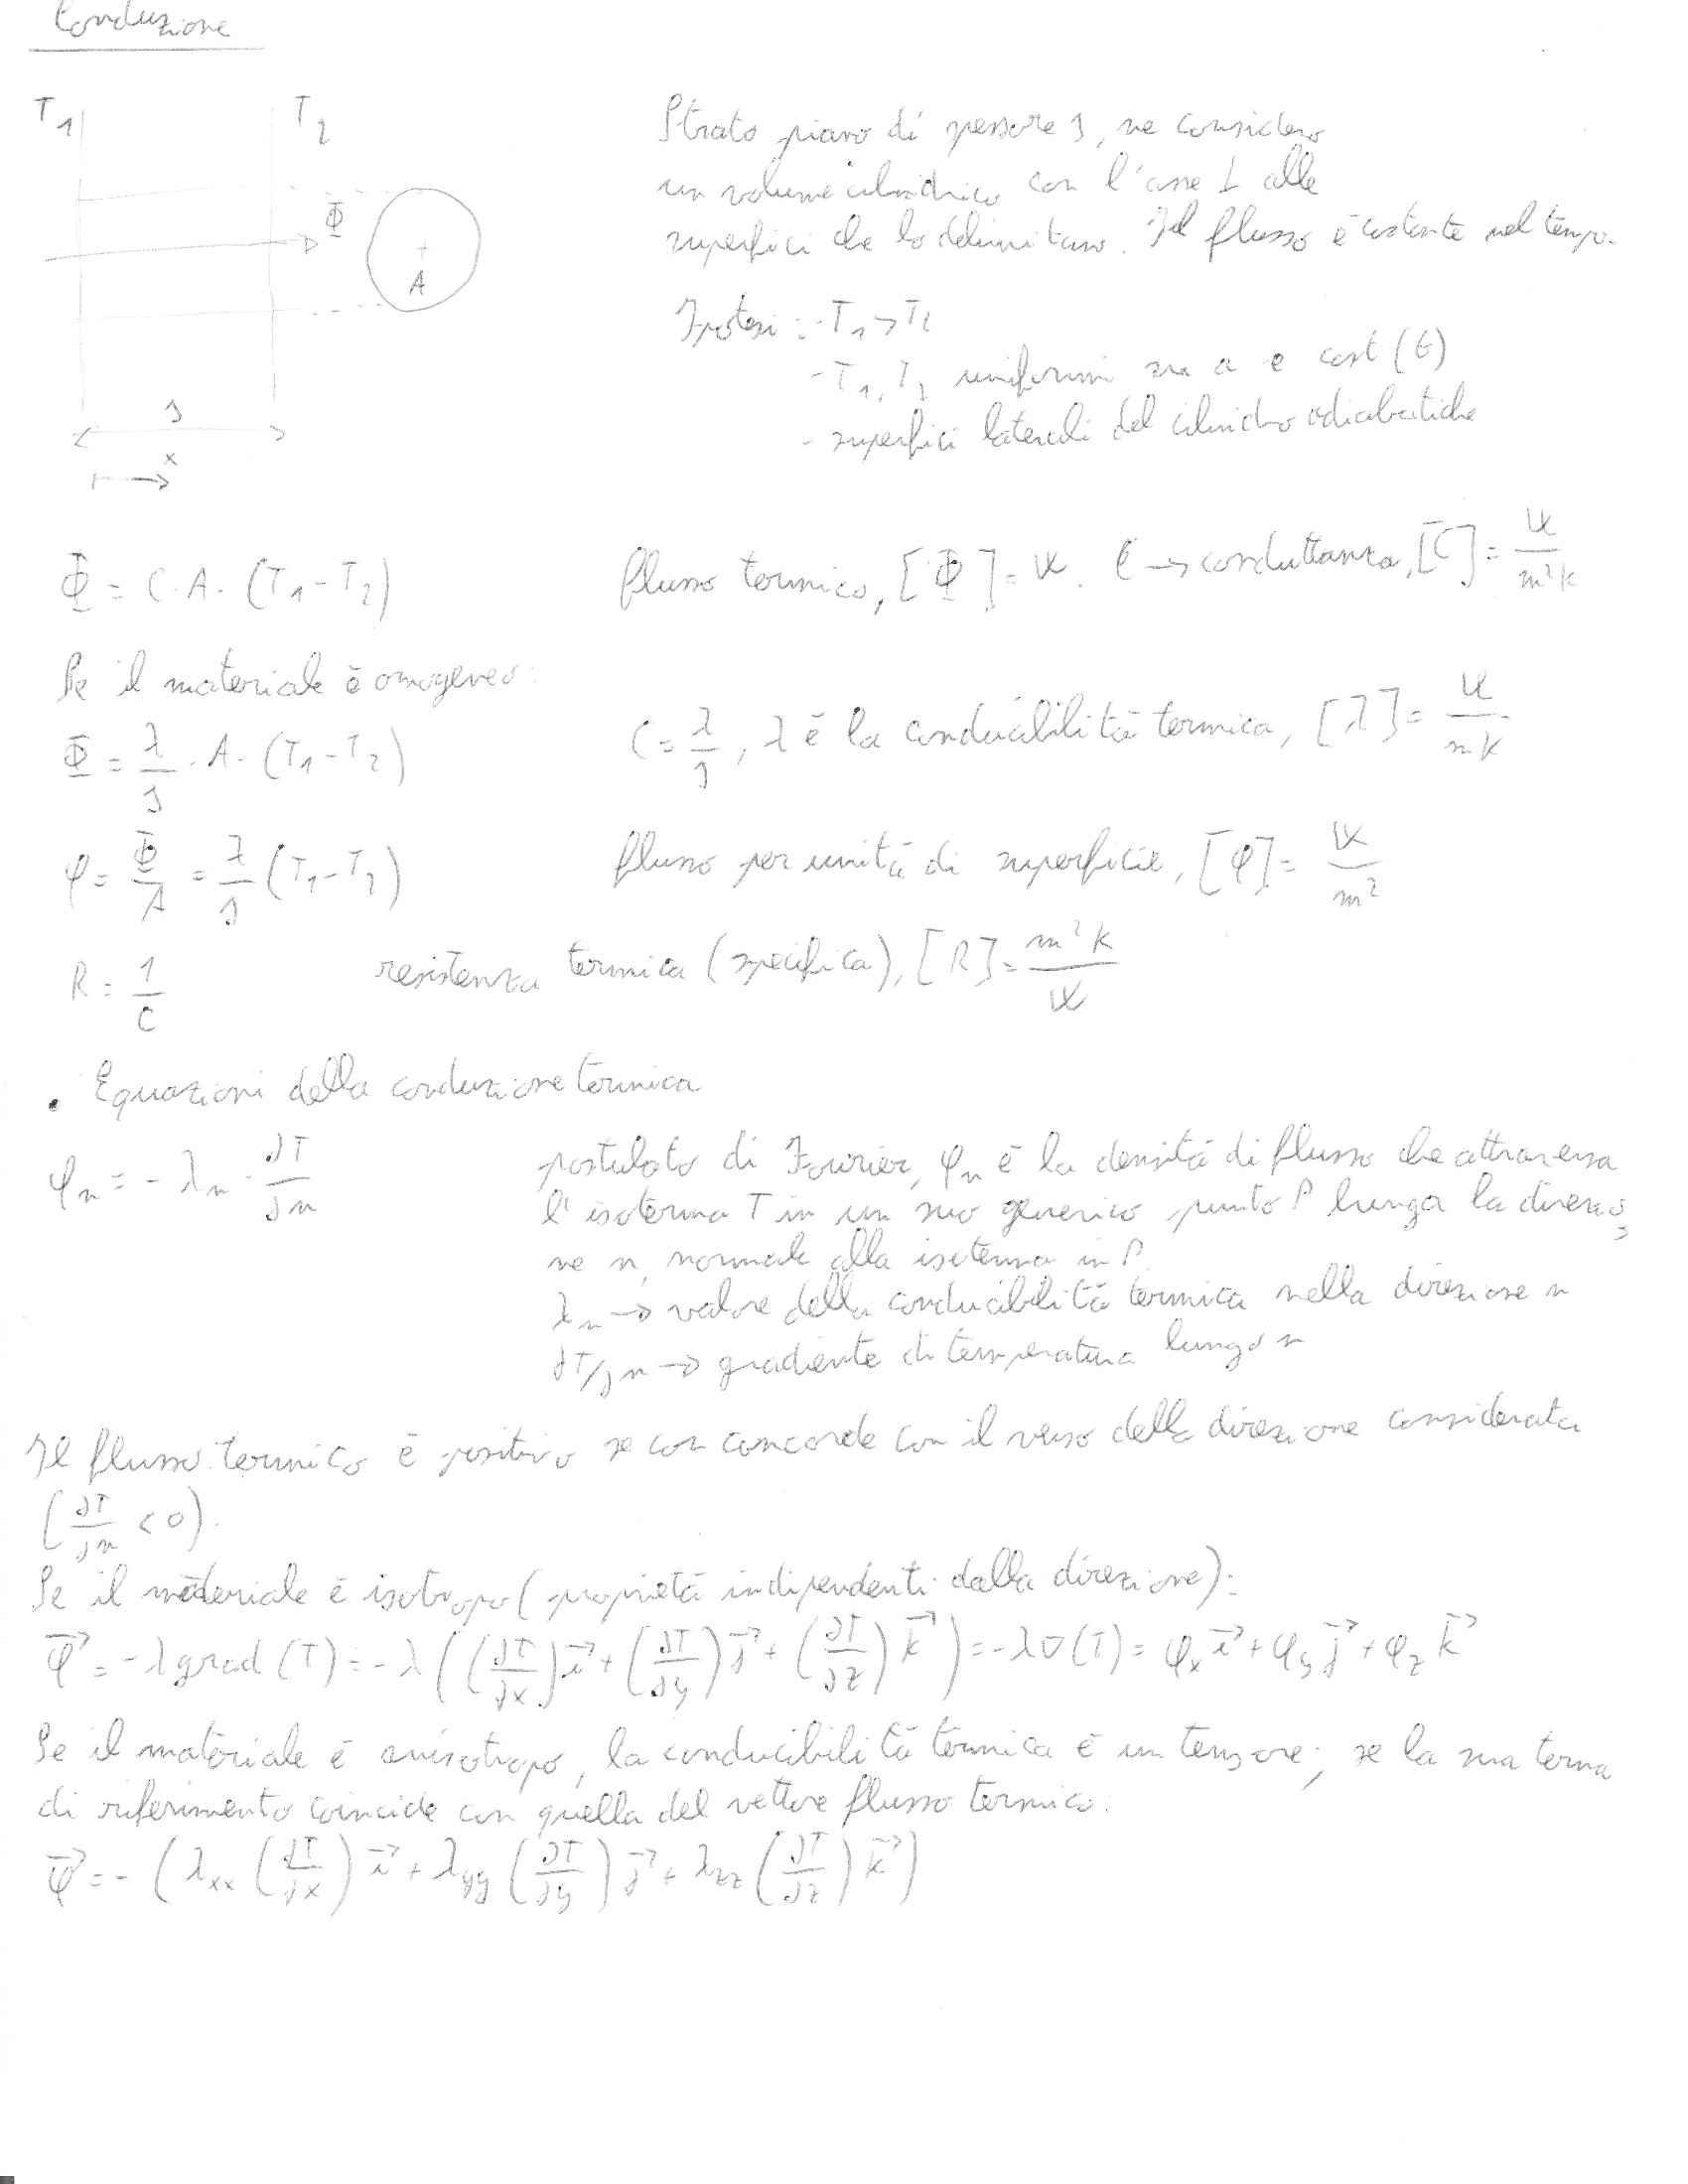 Termodinamica applicata e trasmissione del calore - Formulario di trasmissione del calore